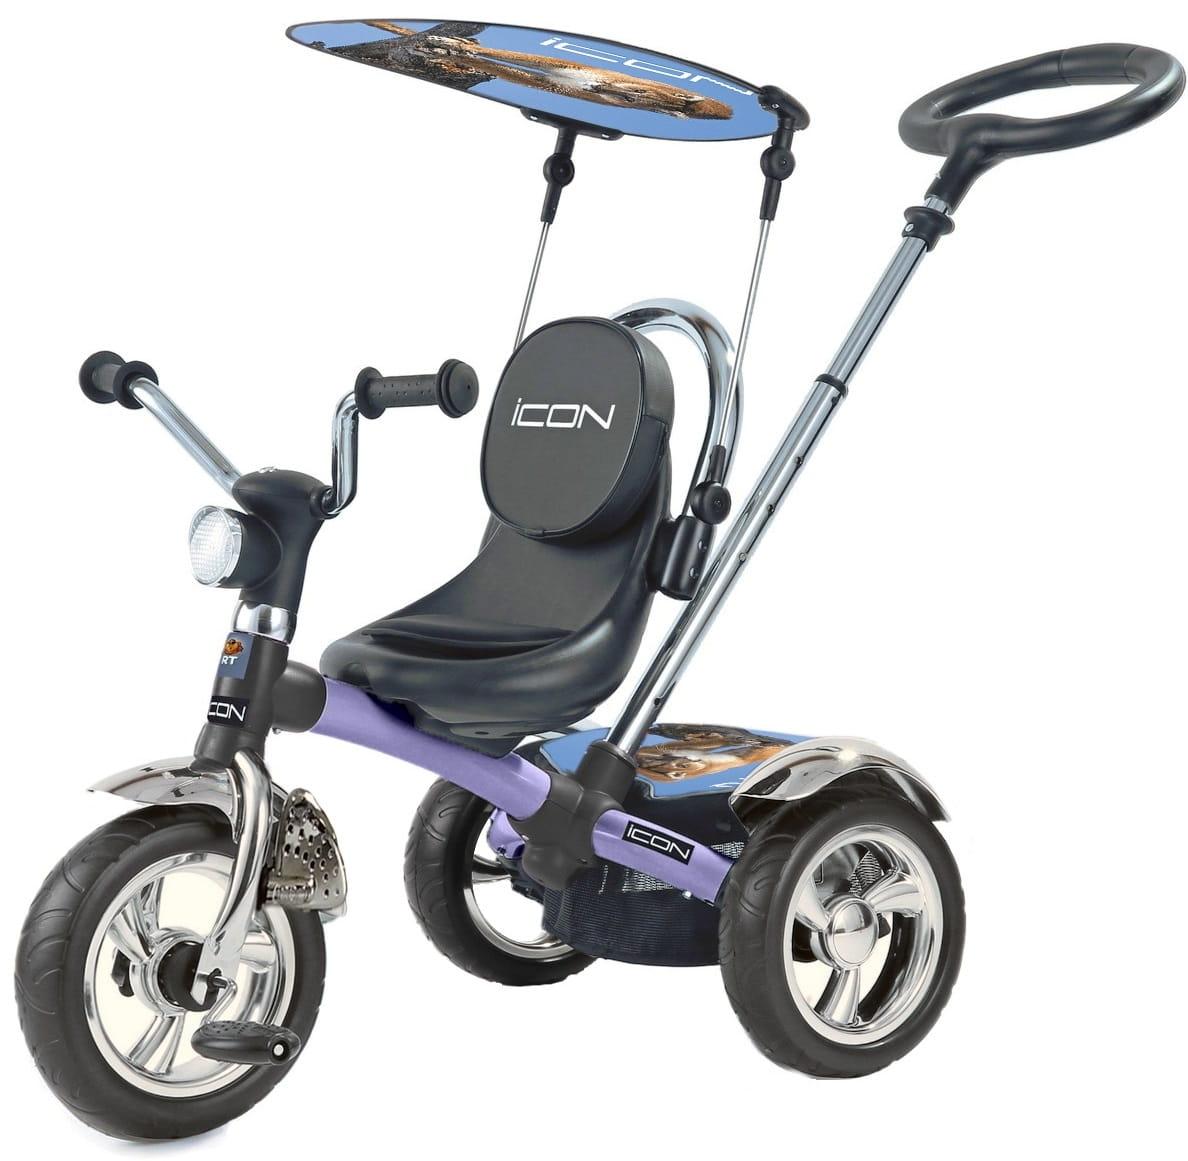 Трехколесный велосипед Icon 3680 4 Silver blue puma